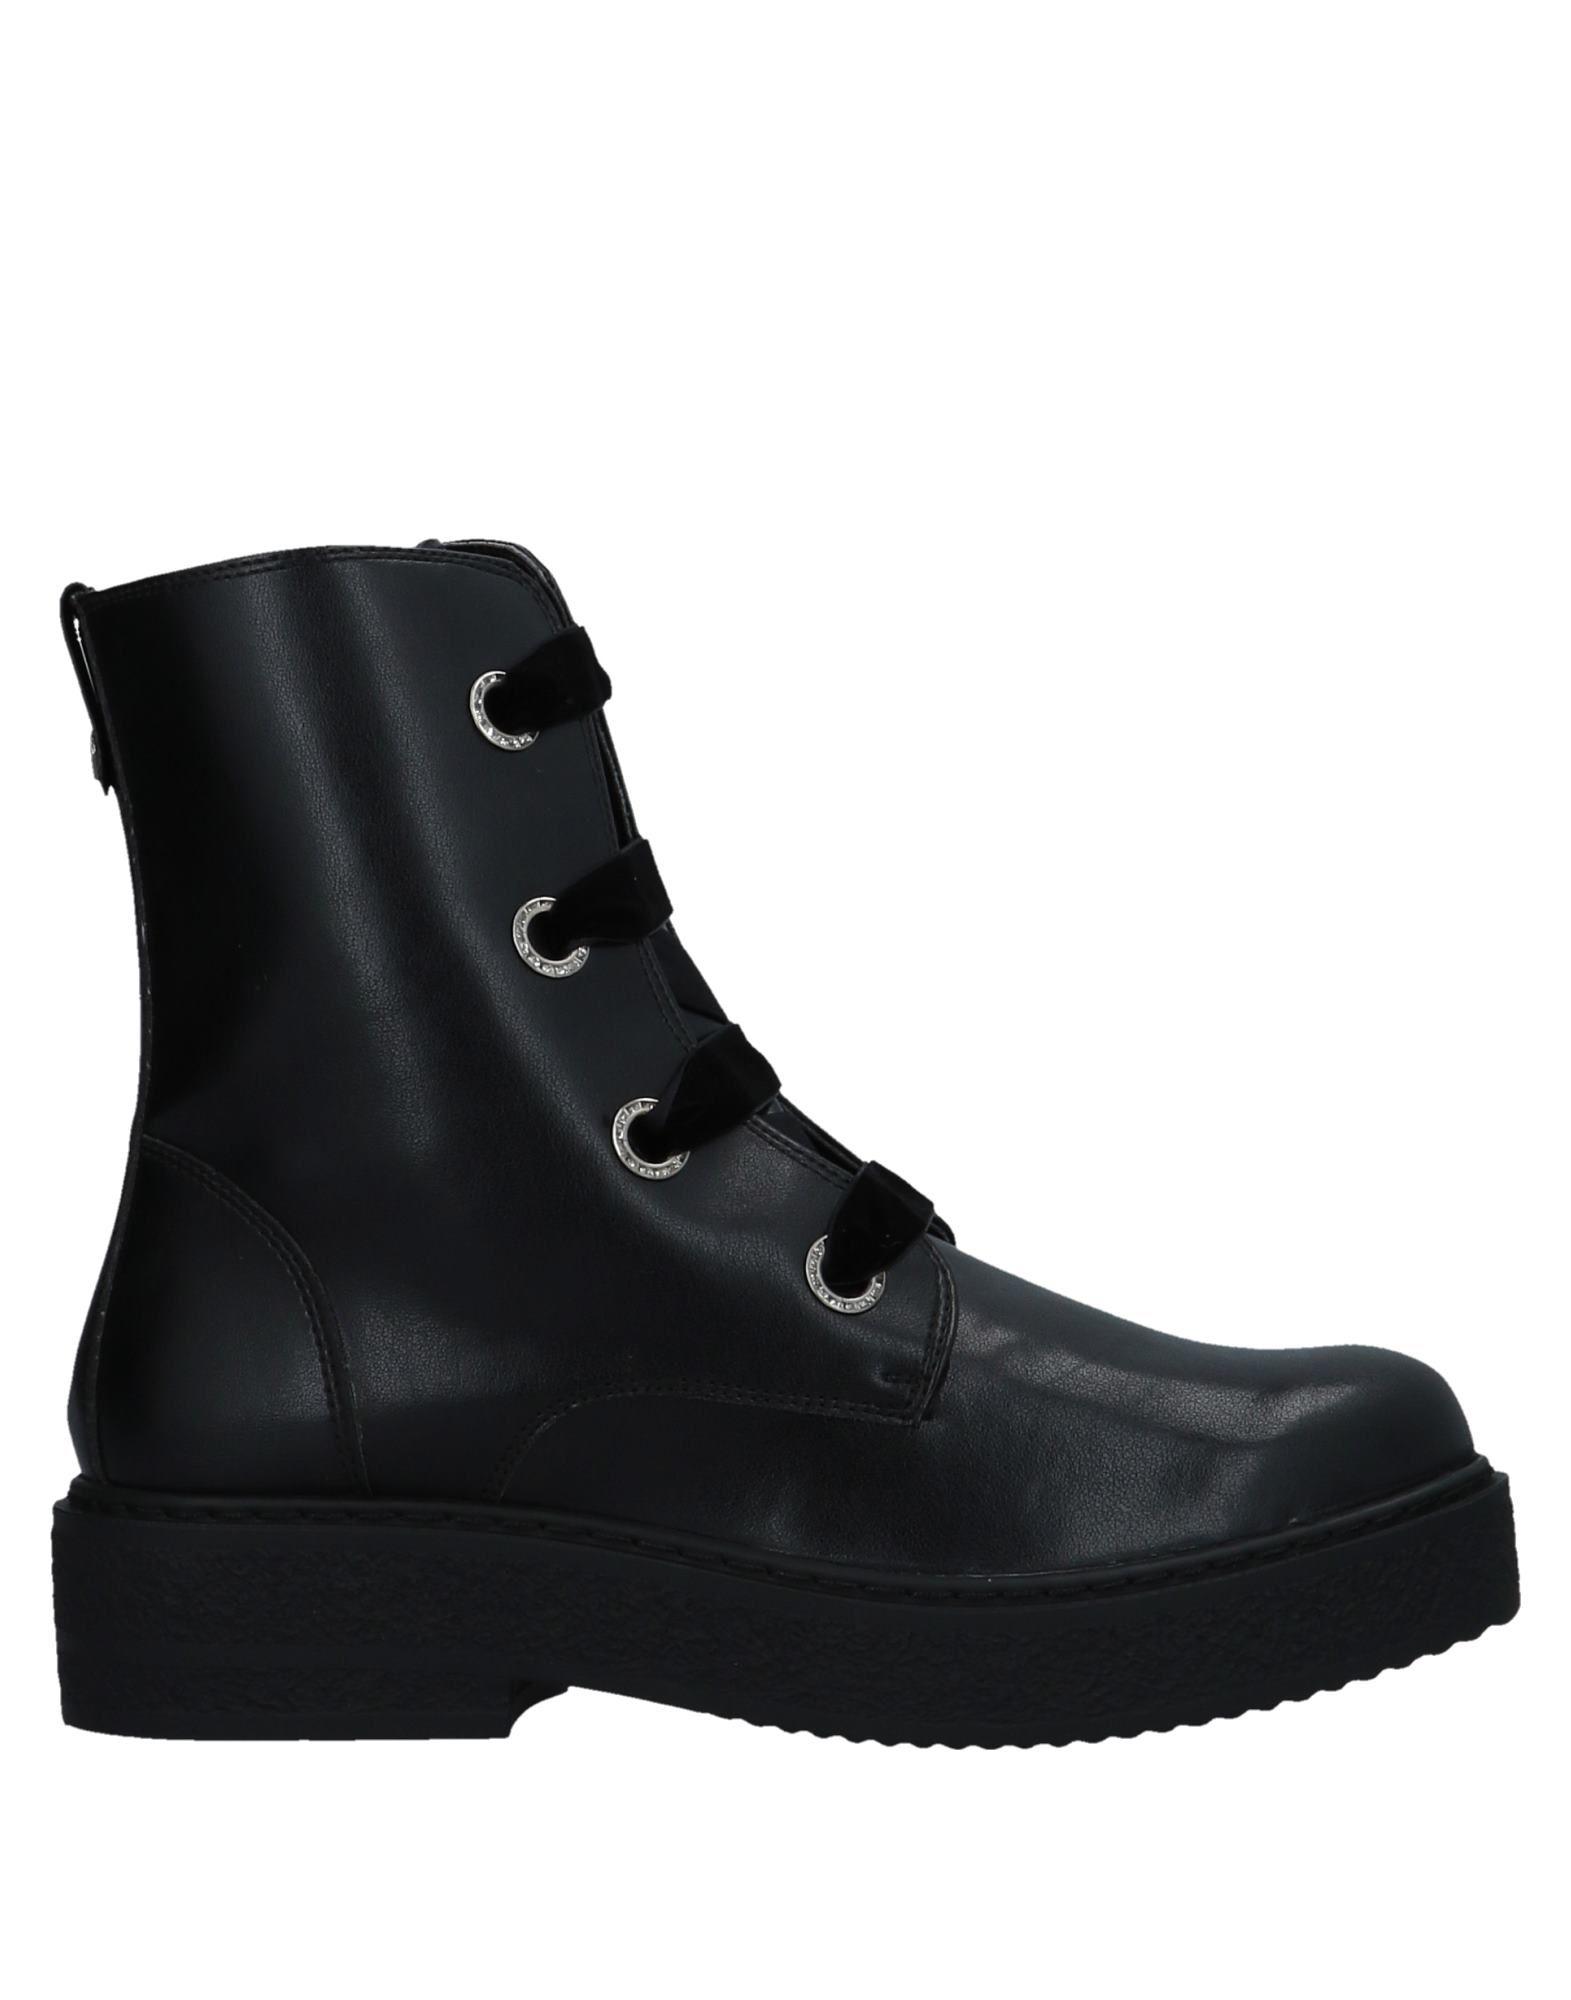 Cult Gute Stiefelette Damen  11537808TV Gute Cult Qualität beliebte Schuhe 2e0522